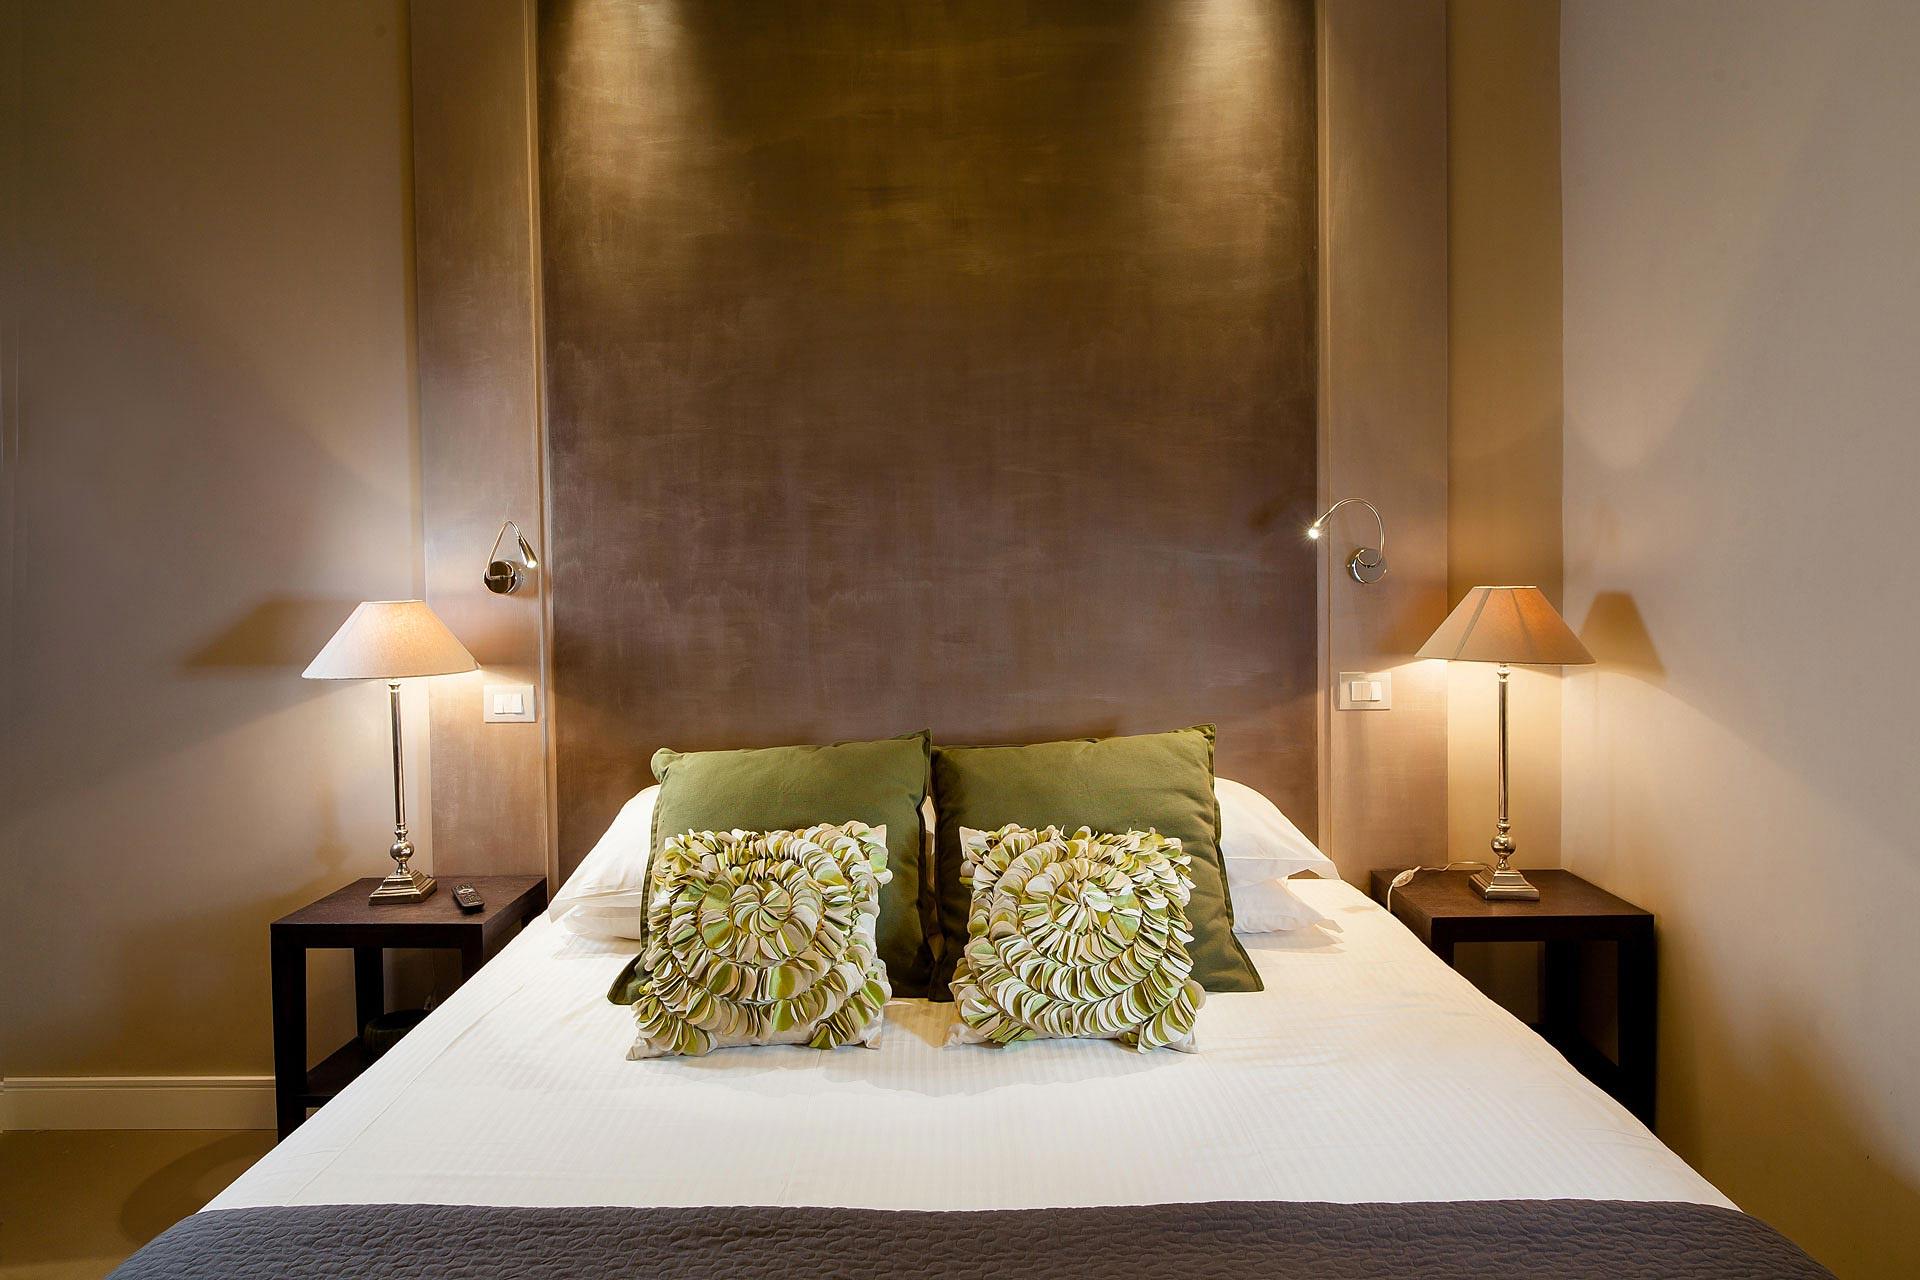 foto-albergo-roma-fotografo-architettura-interni-10